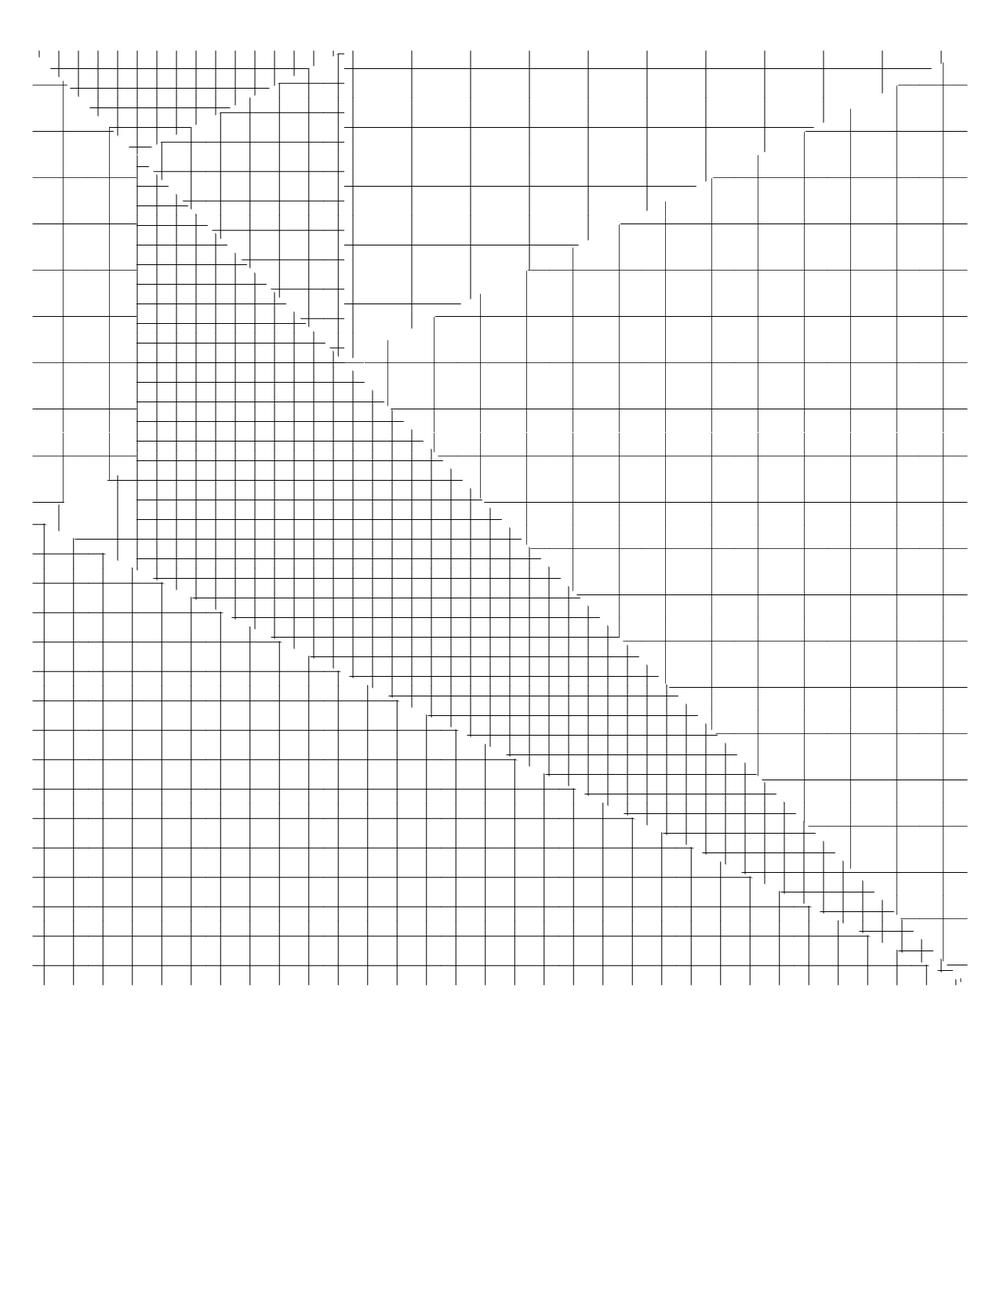 FormulaKills_9x9-23.jpg